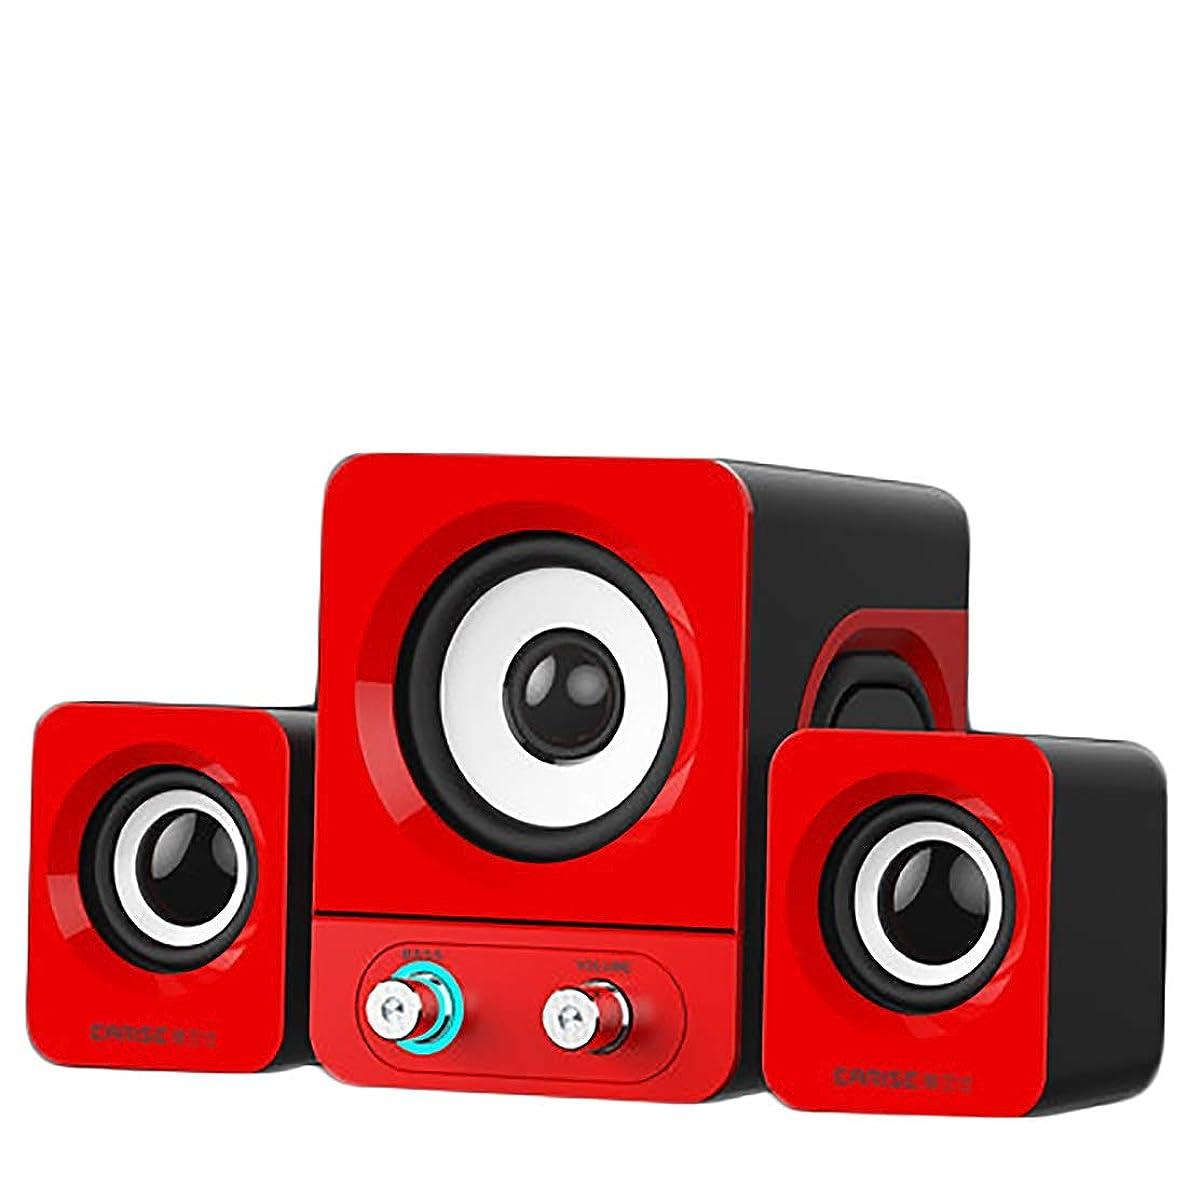 スパイラルキャンベラ警報KUQIQI ノートブック、デスクトップコンピュータの2.1マルチメディアオーディオミニスピーカーサブウーファーゲームオーディオ携帯電話オーディオ (Color : Red)